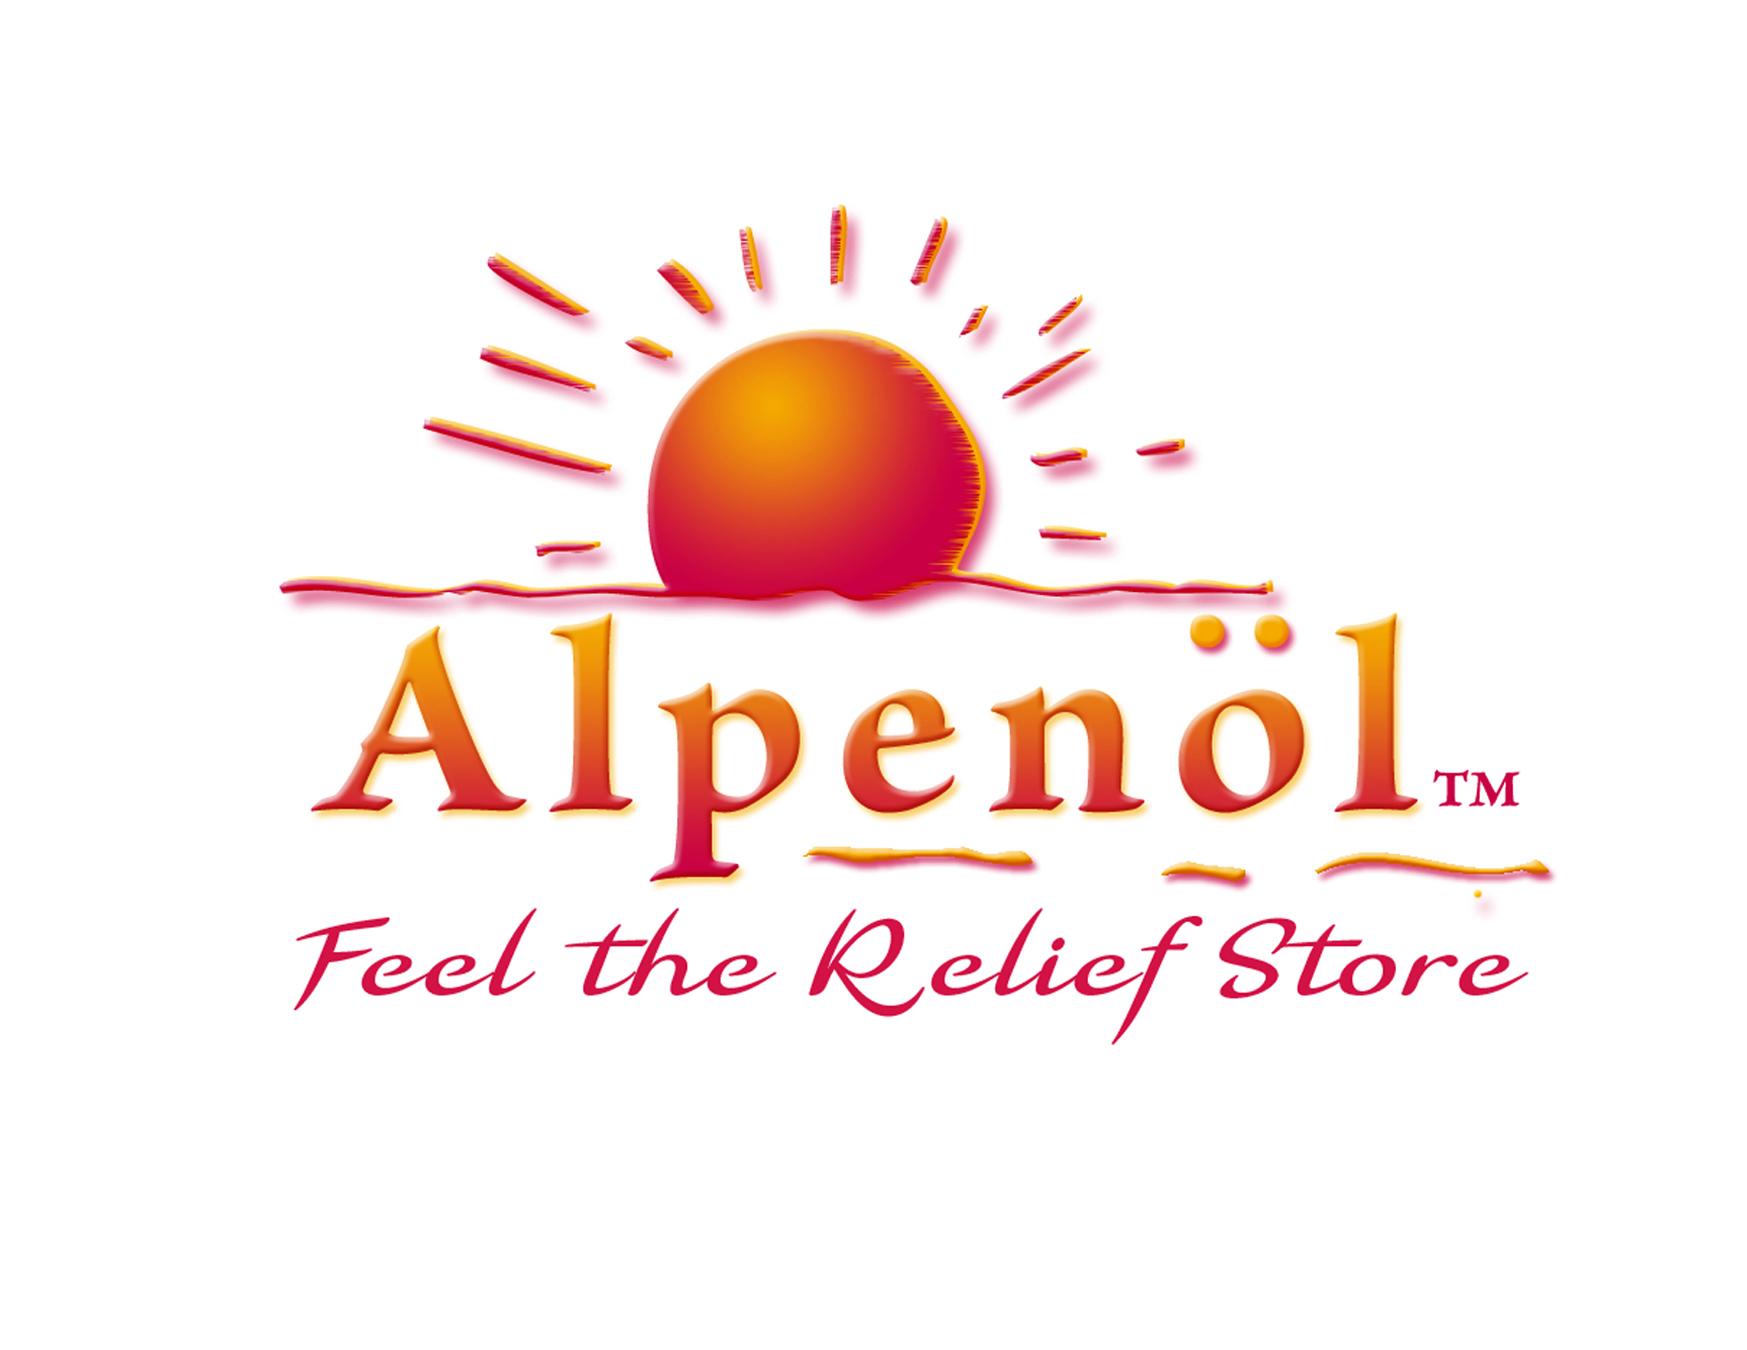 Alpenol-Feel-the-Relief.jpg